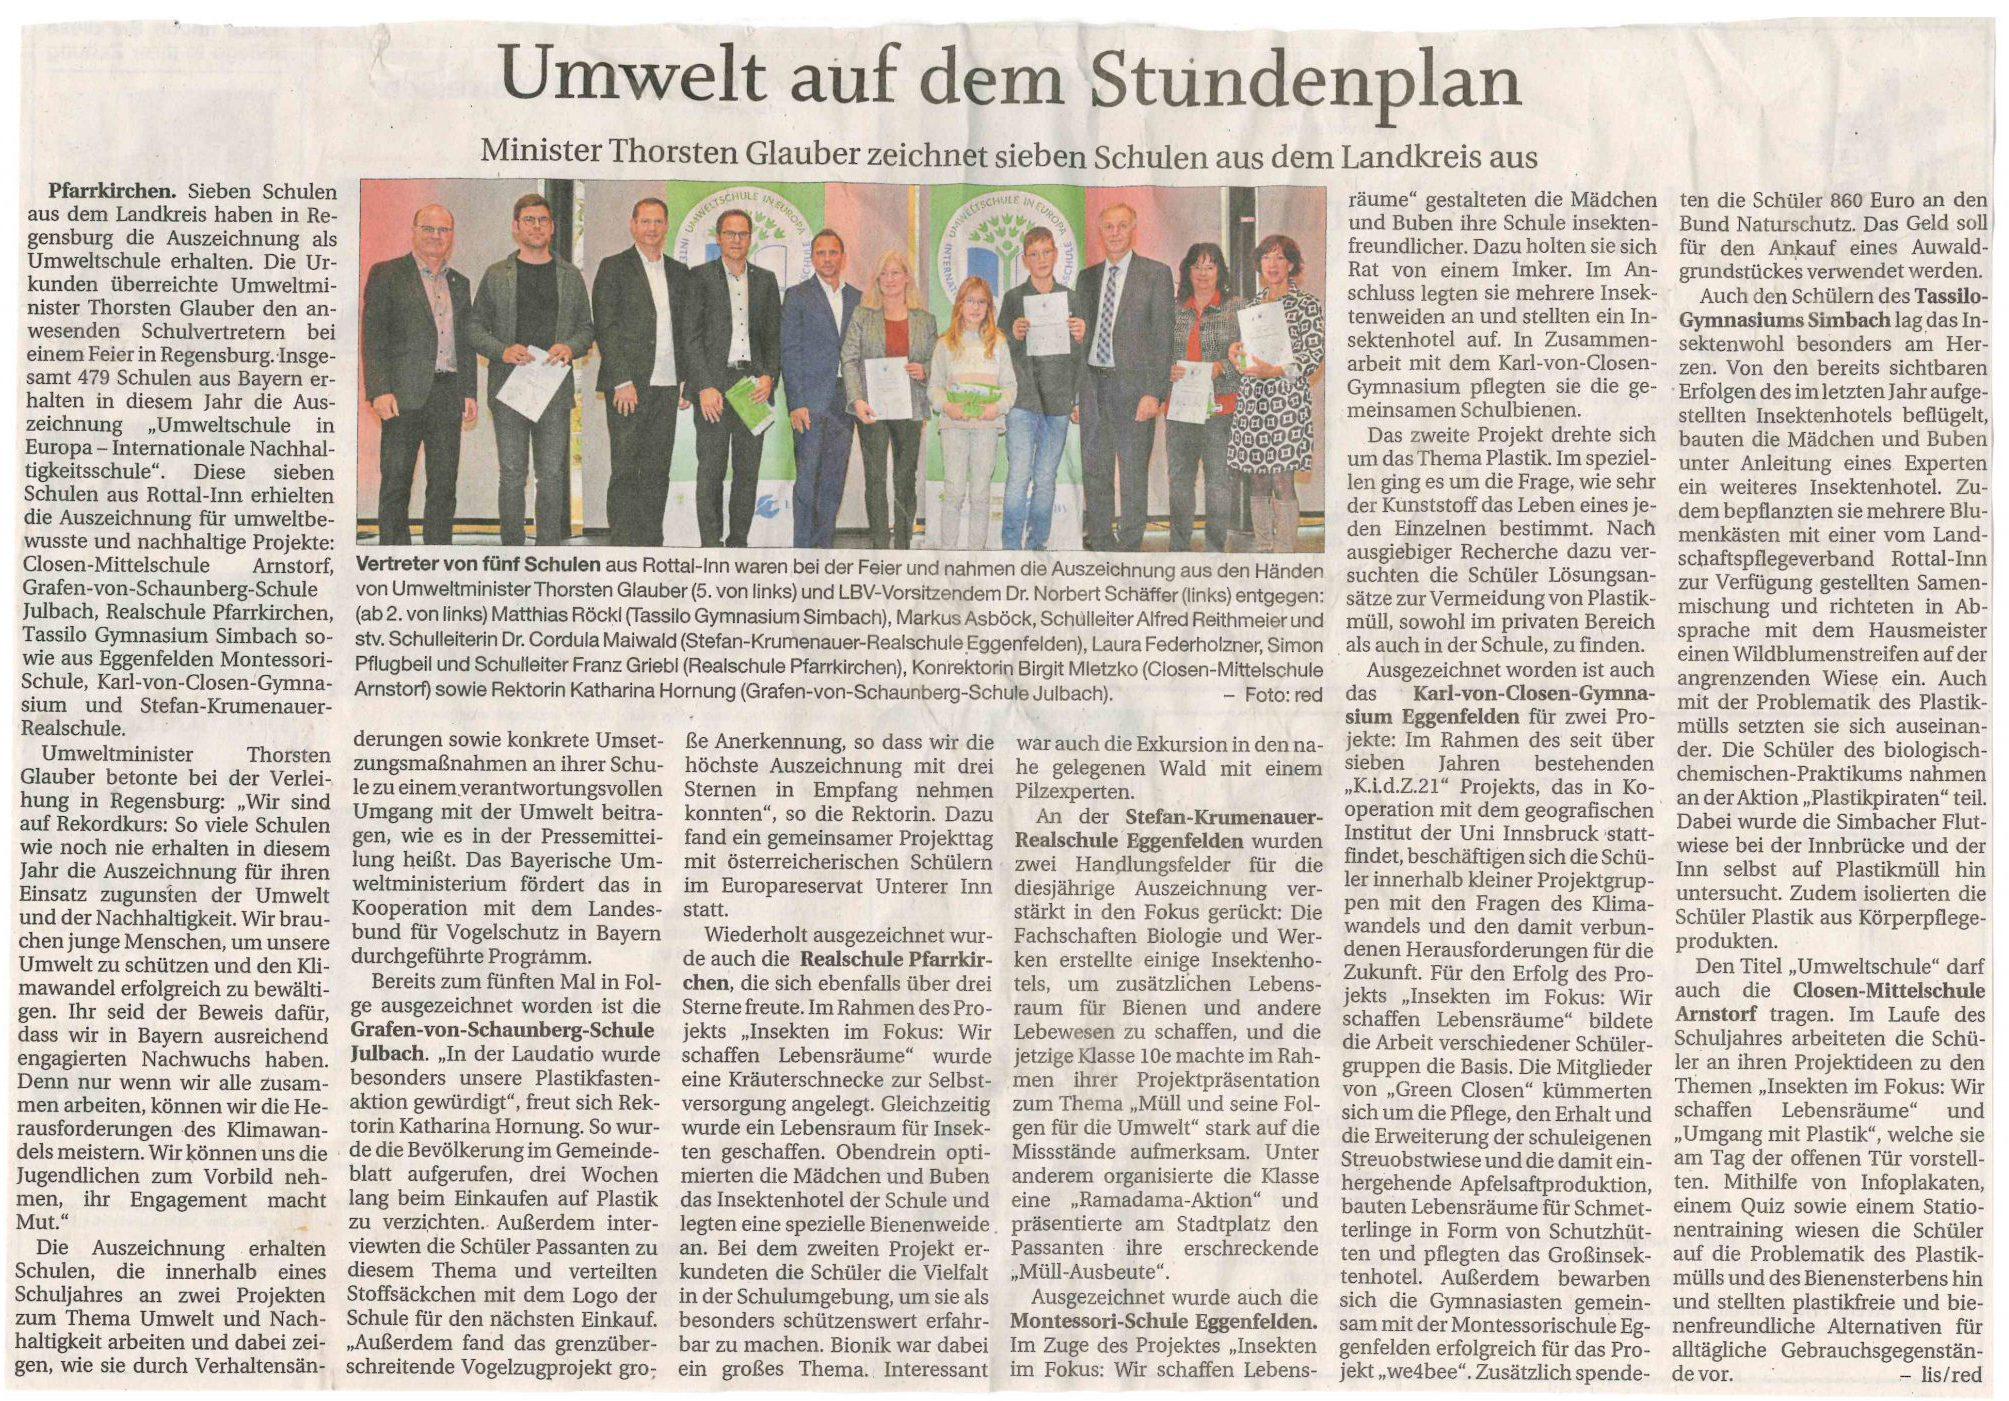 2019-11-22 - Umweltschule-Zertifizierung- Presseartikel